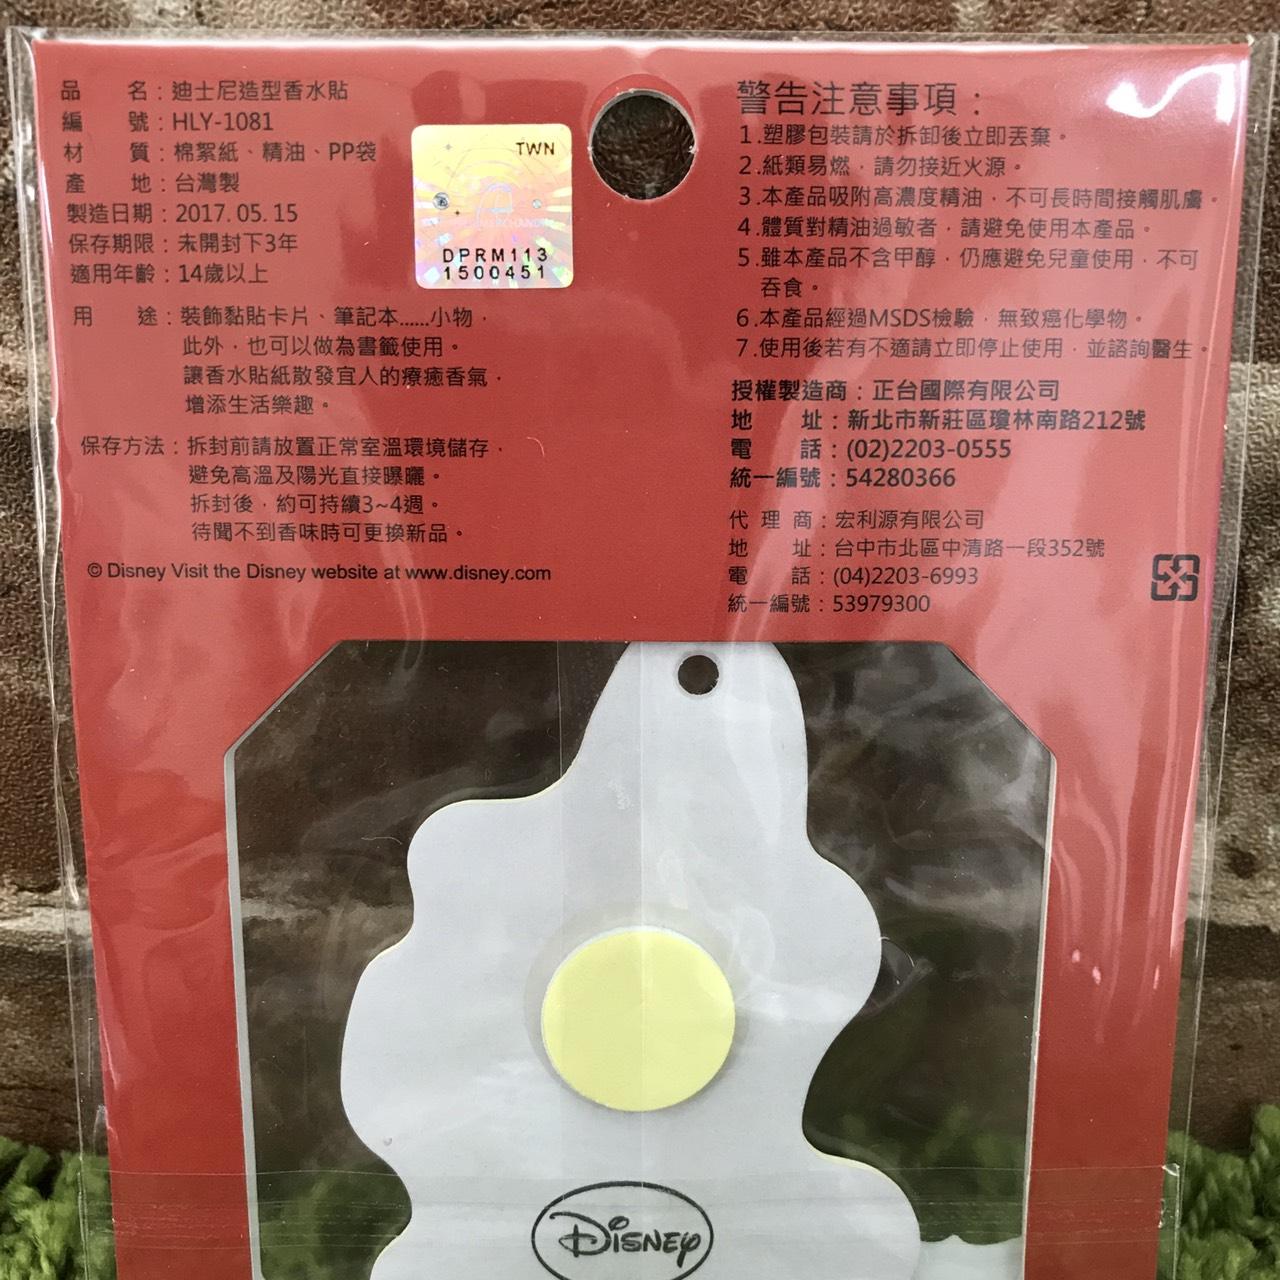 17072000066 造型香氛貼紙-MK茉莉 迪士尼 米奇 米妮 空氣芳香片 可吊掛 黏貼香氛片 真愛日本